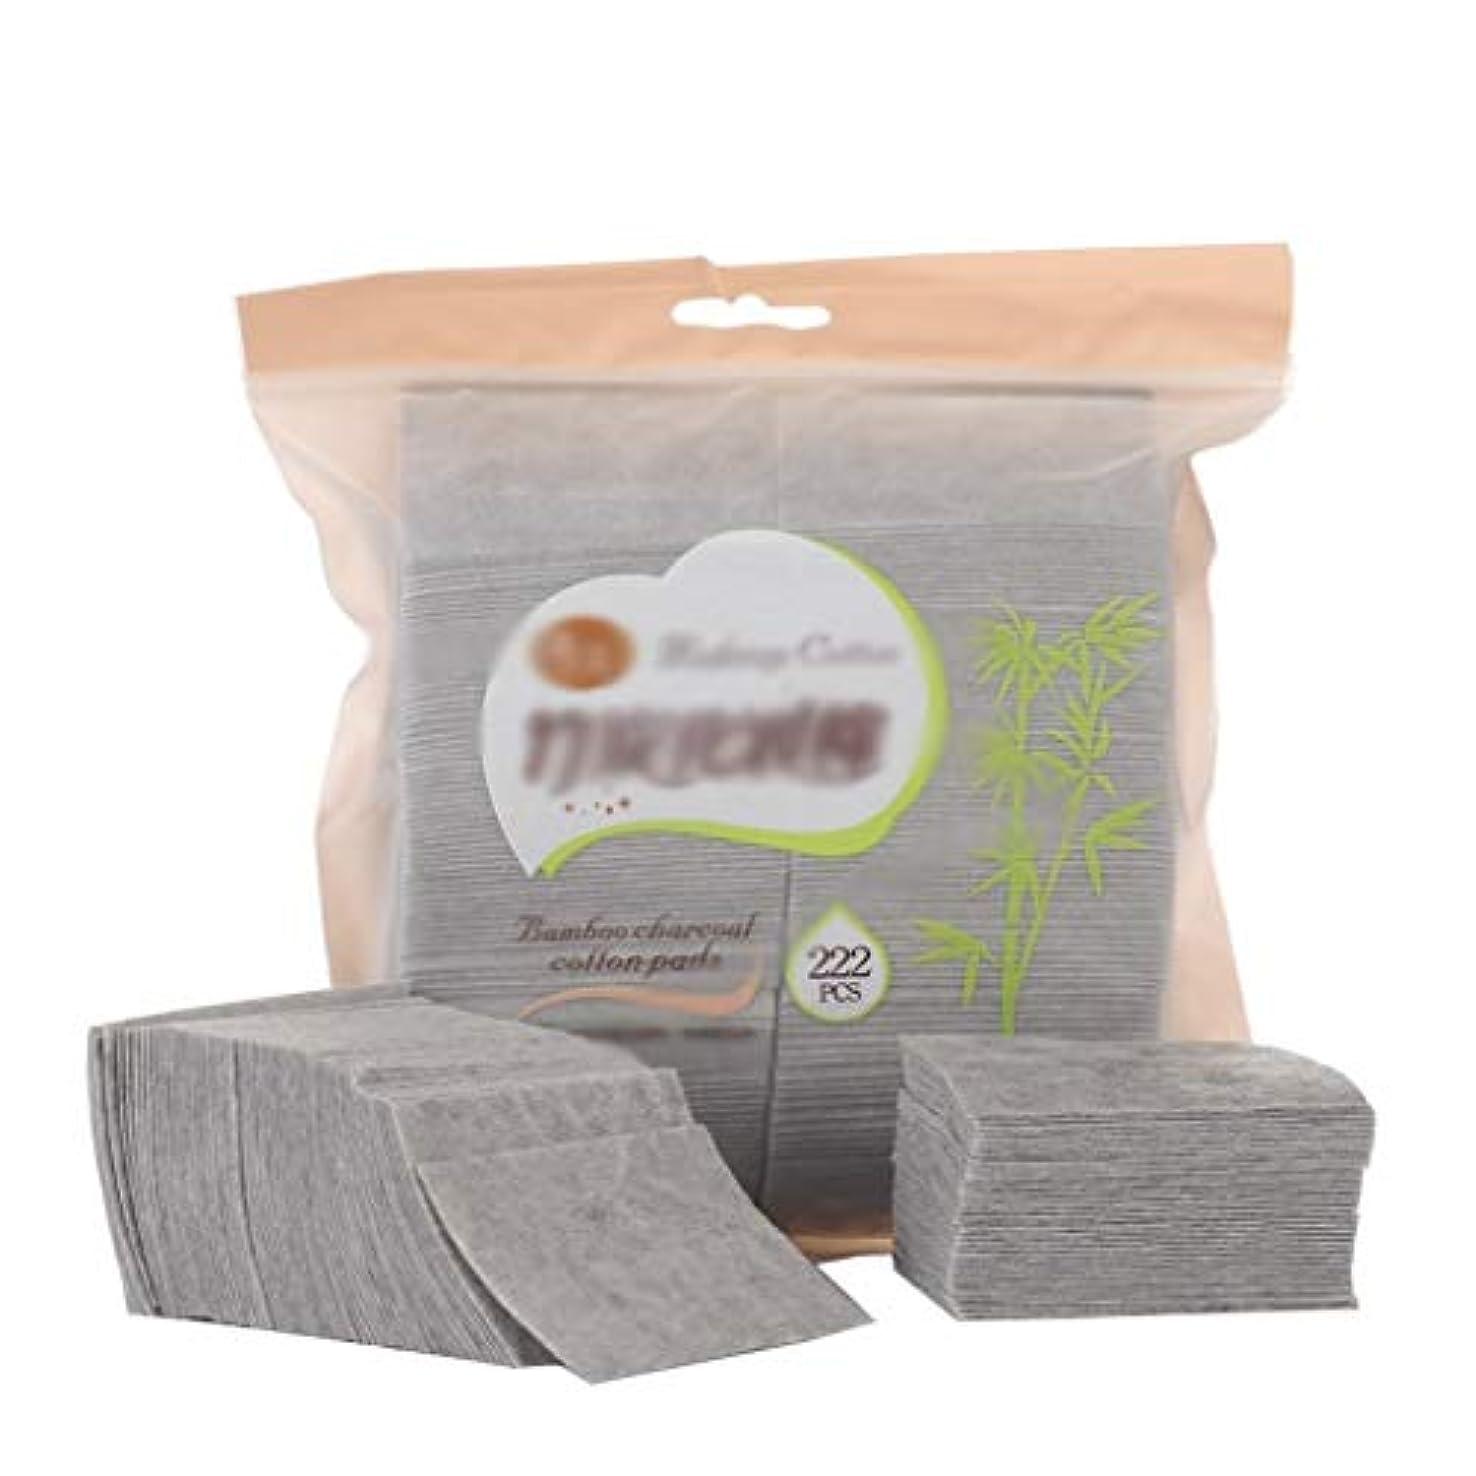 展示会常にヤングクレンジングシート 222ピース箱入り竹炭化粧コットンパッド両面使い捨て洗顔コットンポータブルメイクアップコットンピース (Color : Gray, サイズ : 5*7cm)